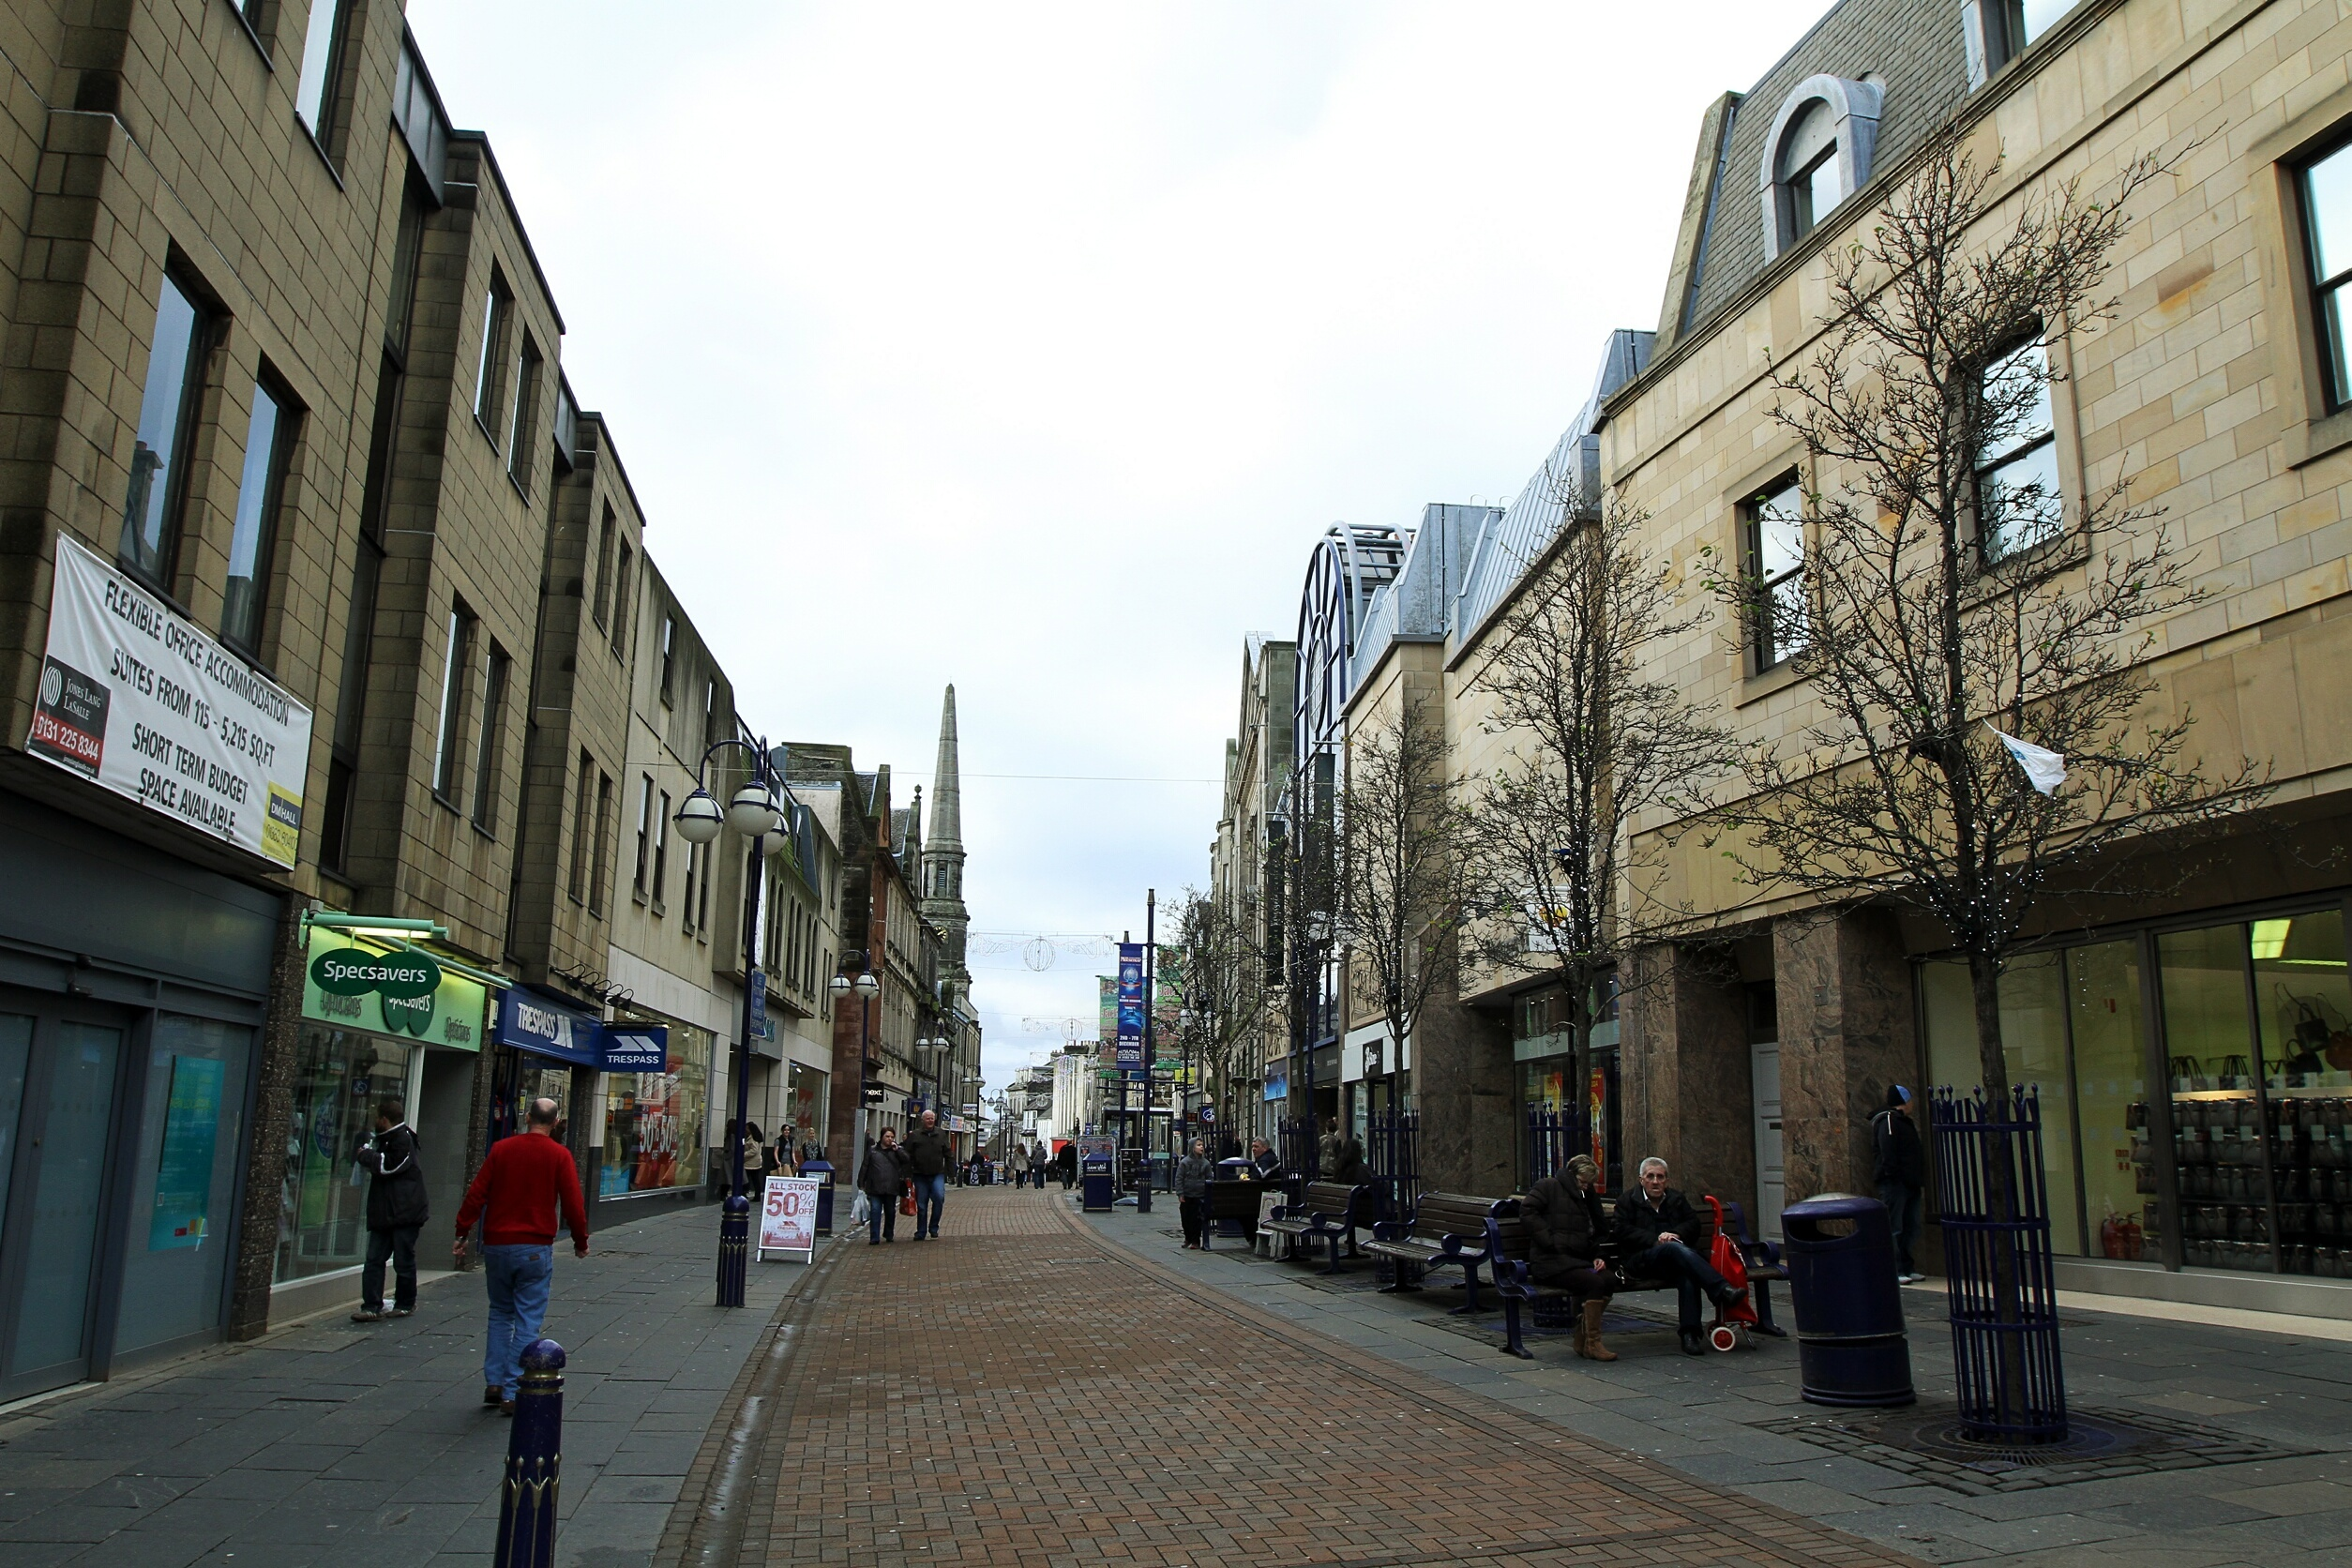 Dunfermline High Street.